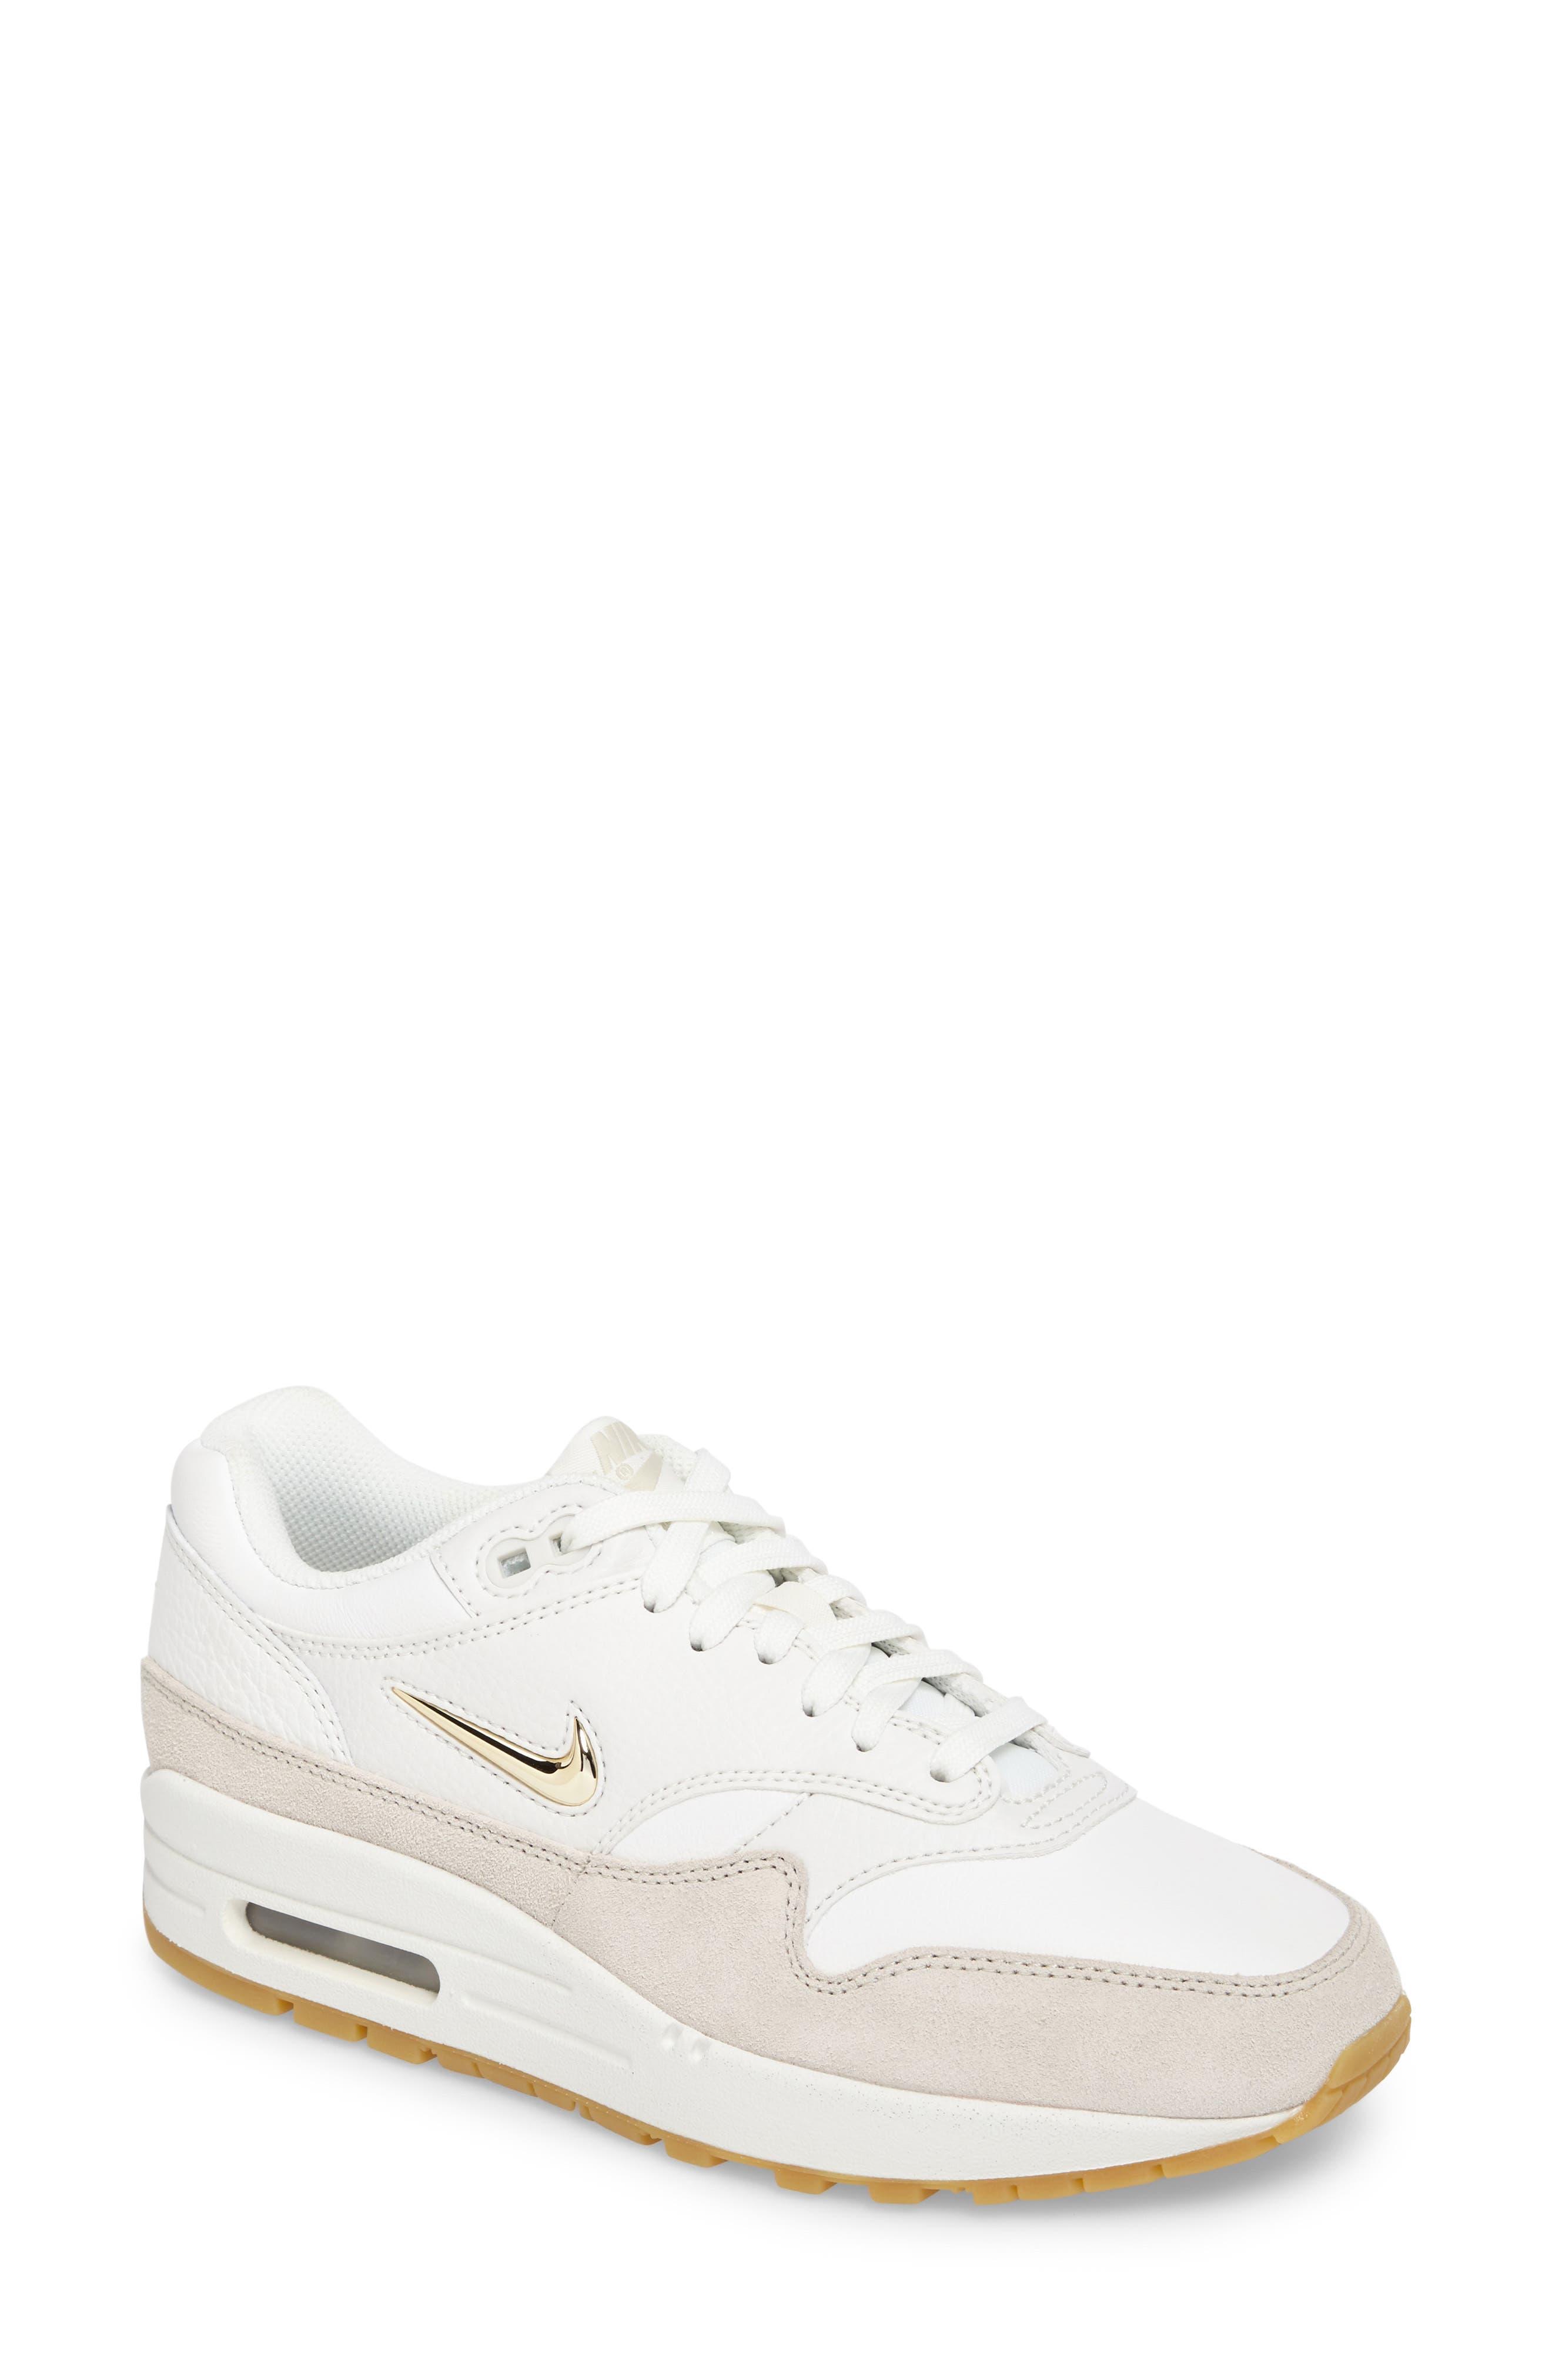 Main Image - Nike Air Max 1 Premium SC Sneaker (Women)